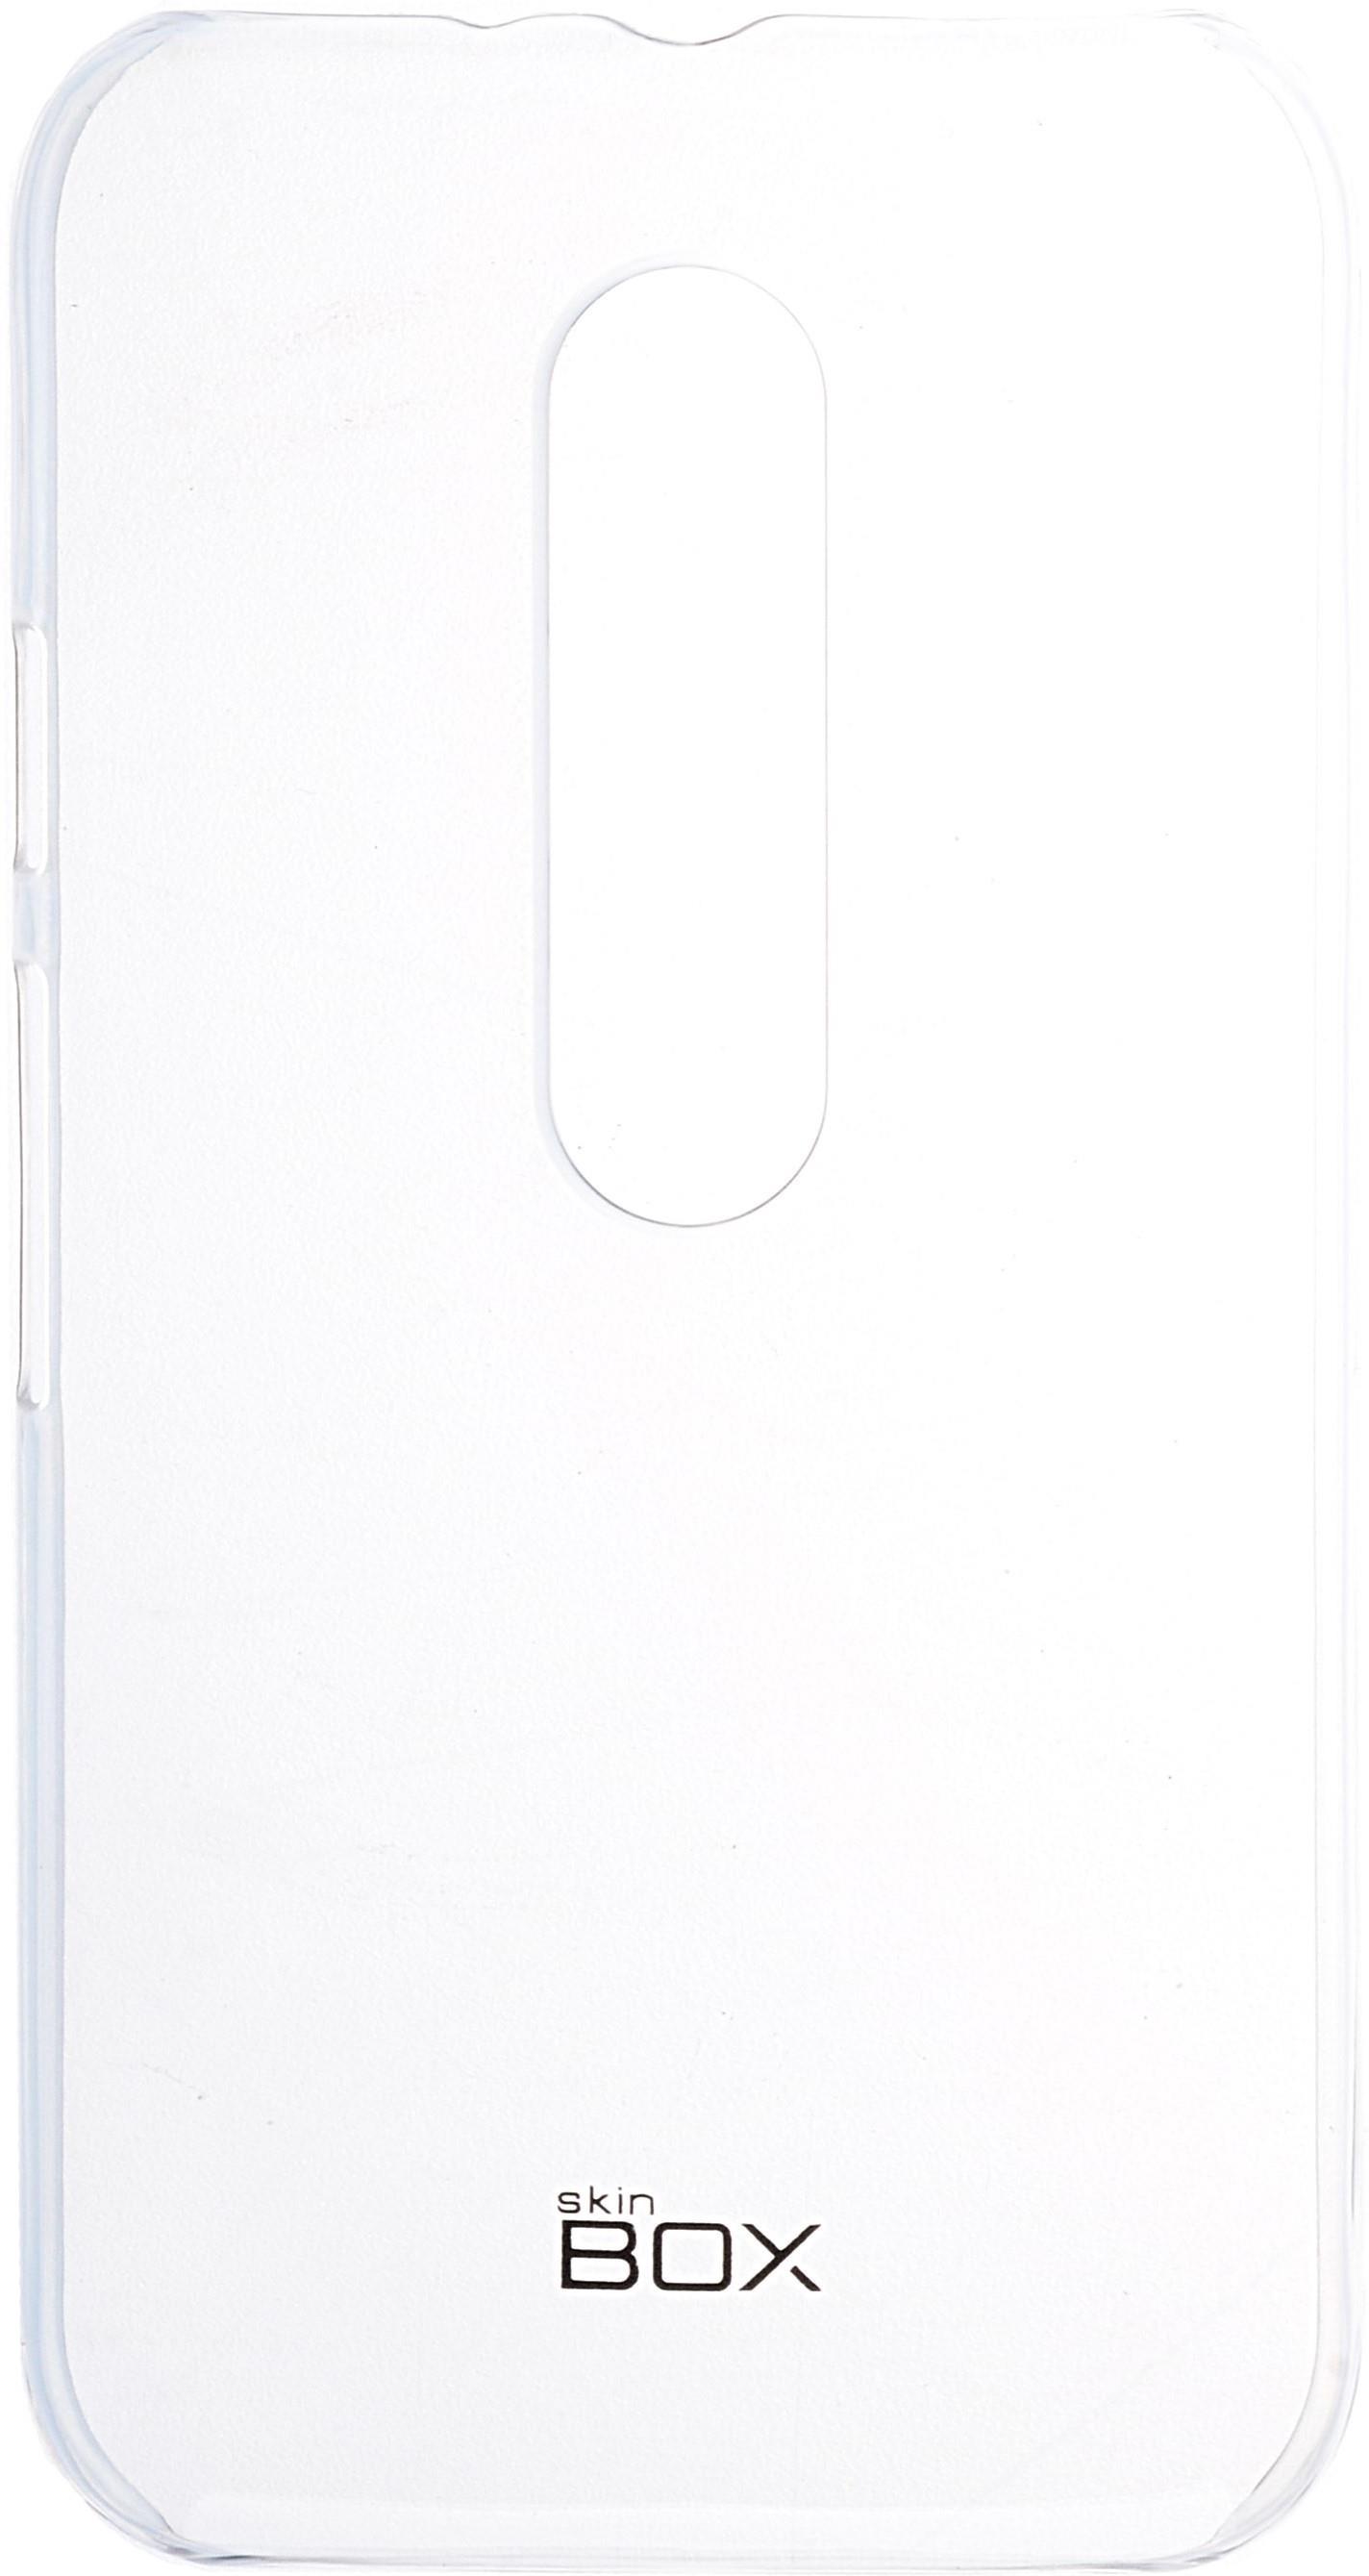 Чехол для сотового телефона skinBOX Crystal, 4630042524873, прозрачный чехол для сотового телефона skinbox crystal 4630042524613 прозрачный